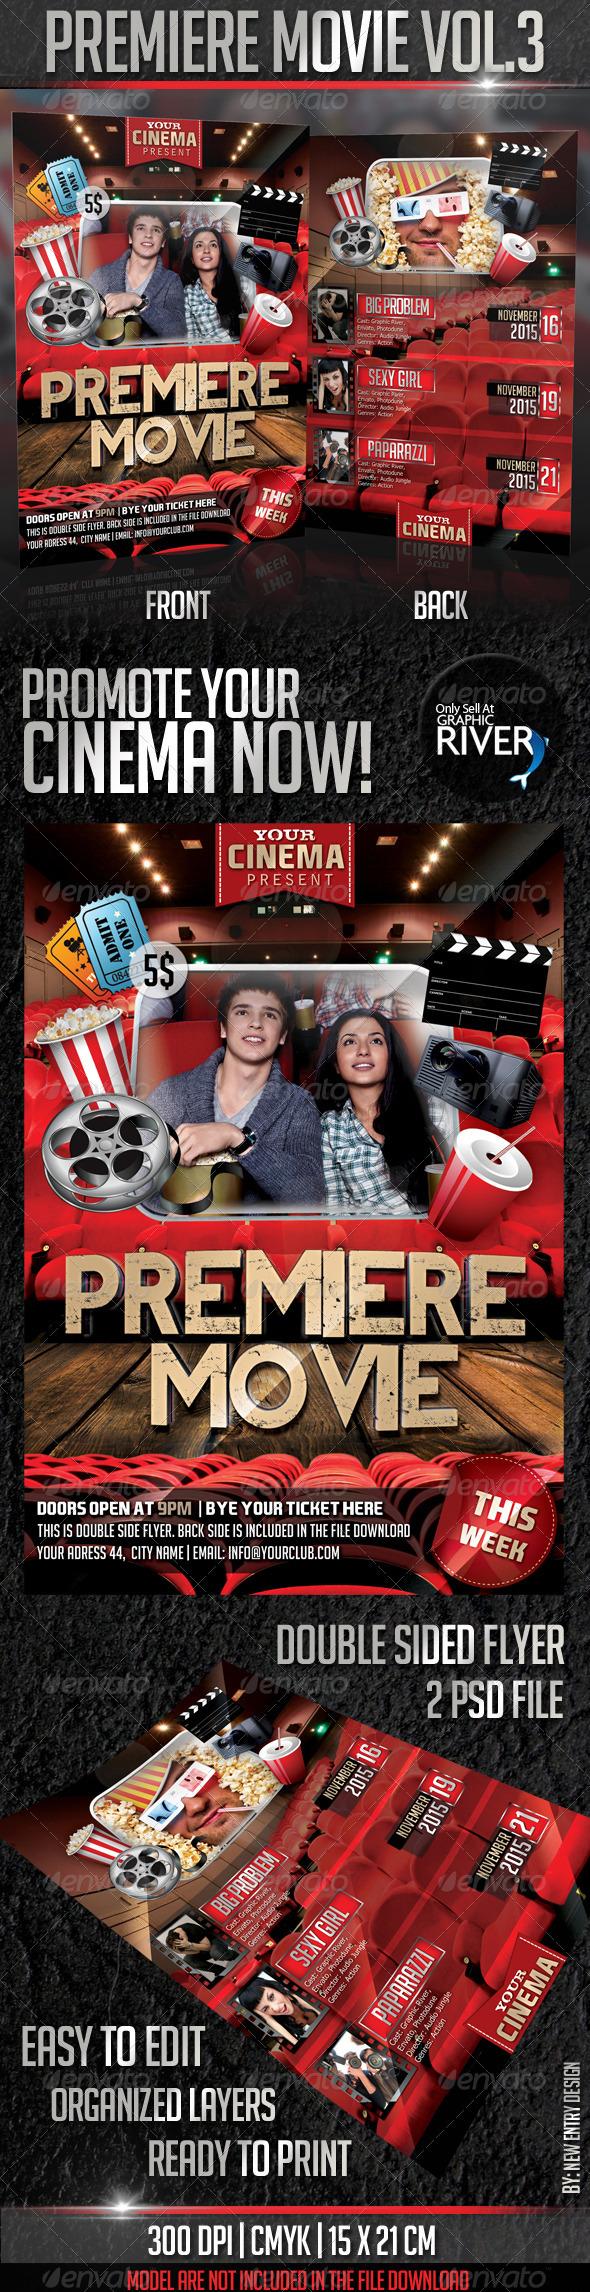 GraphicRiver Premiere Movie Vol3 3271426